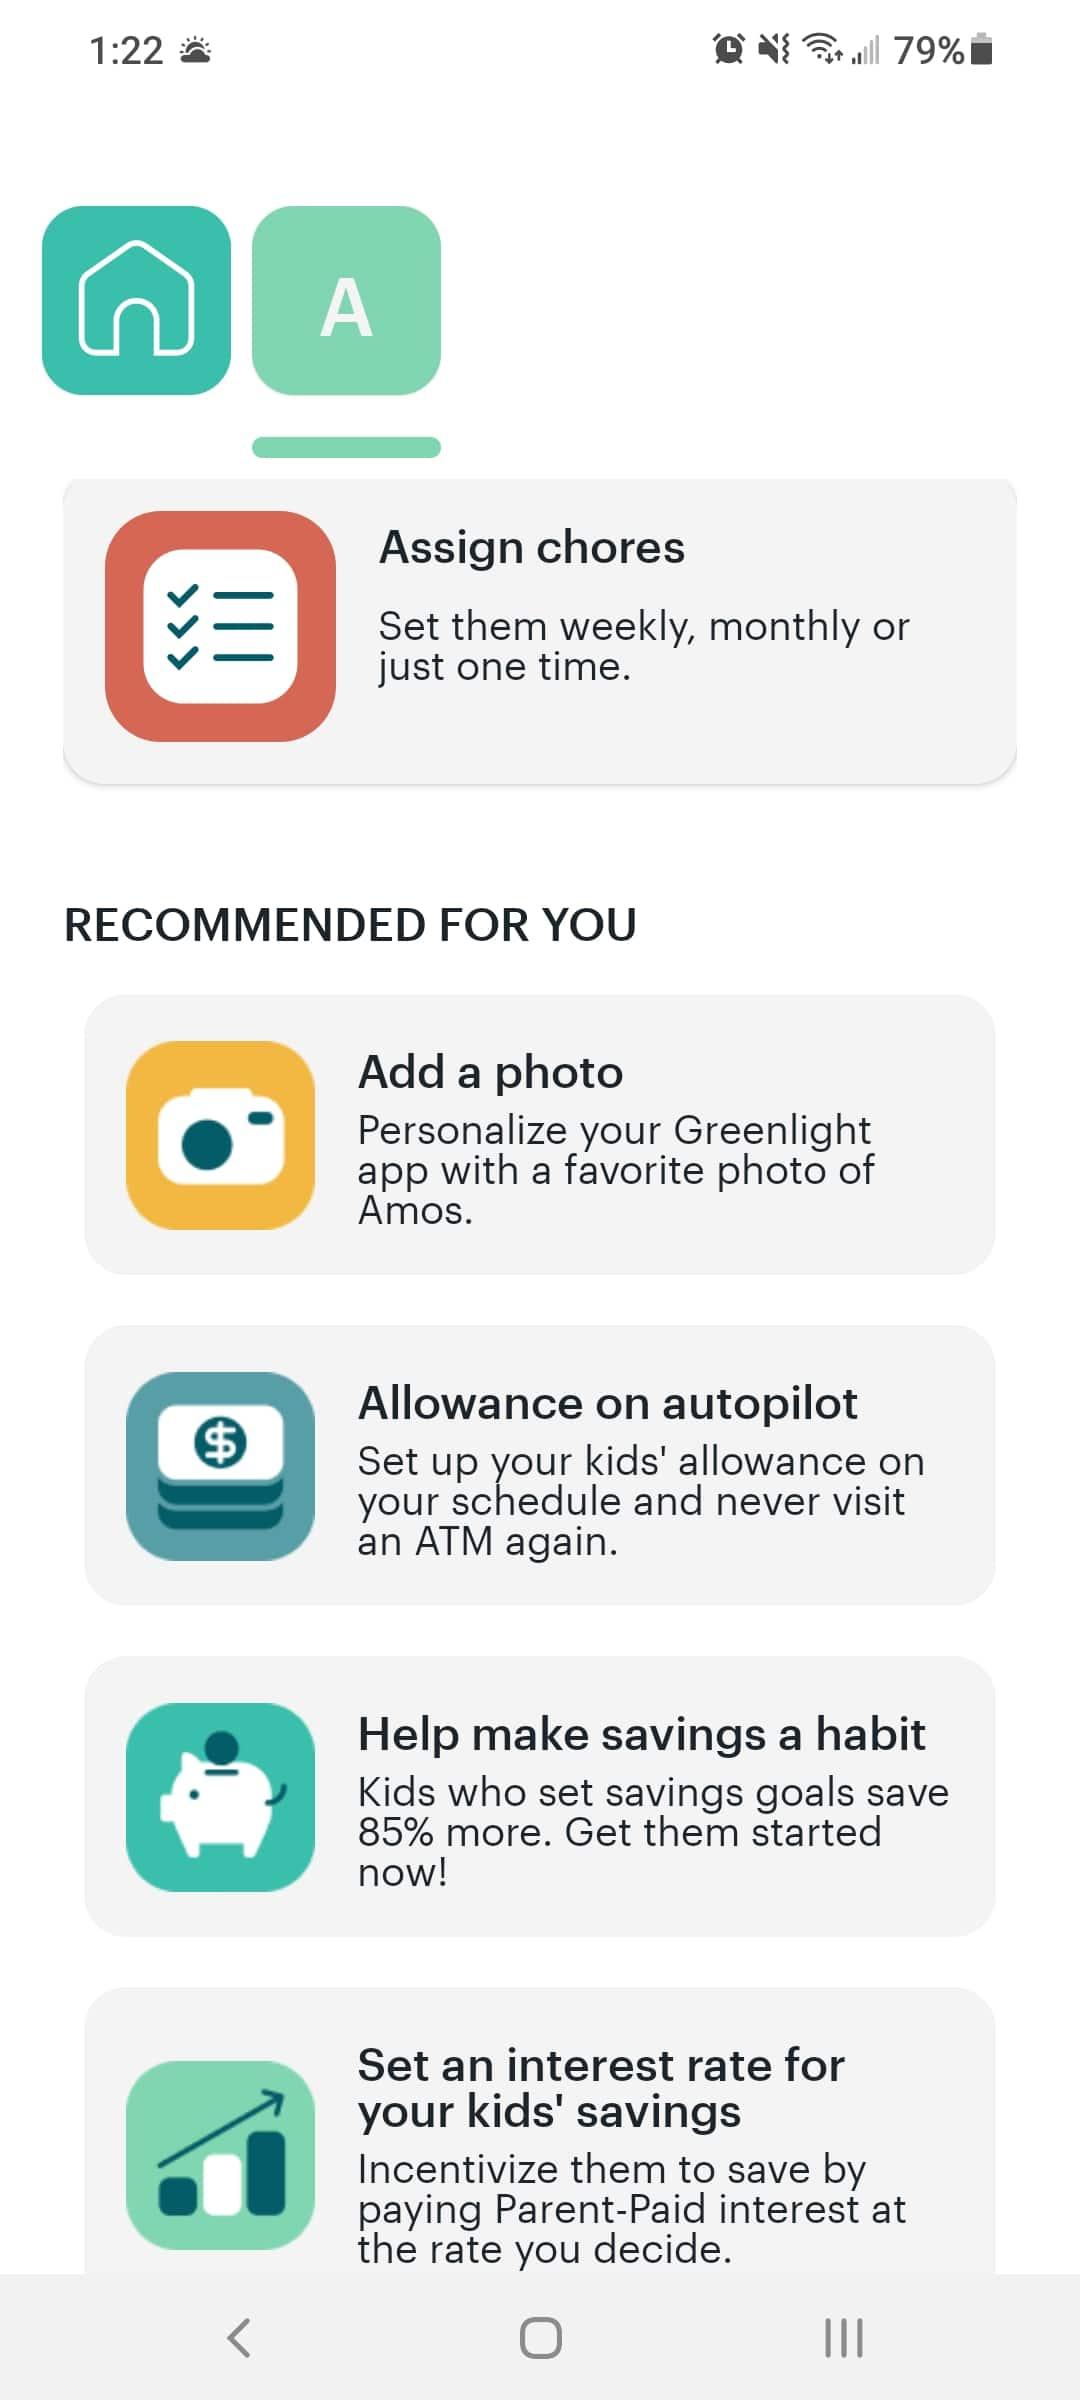 greenlight app review - checklist